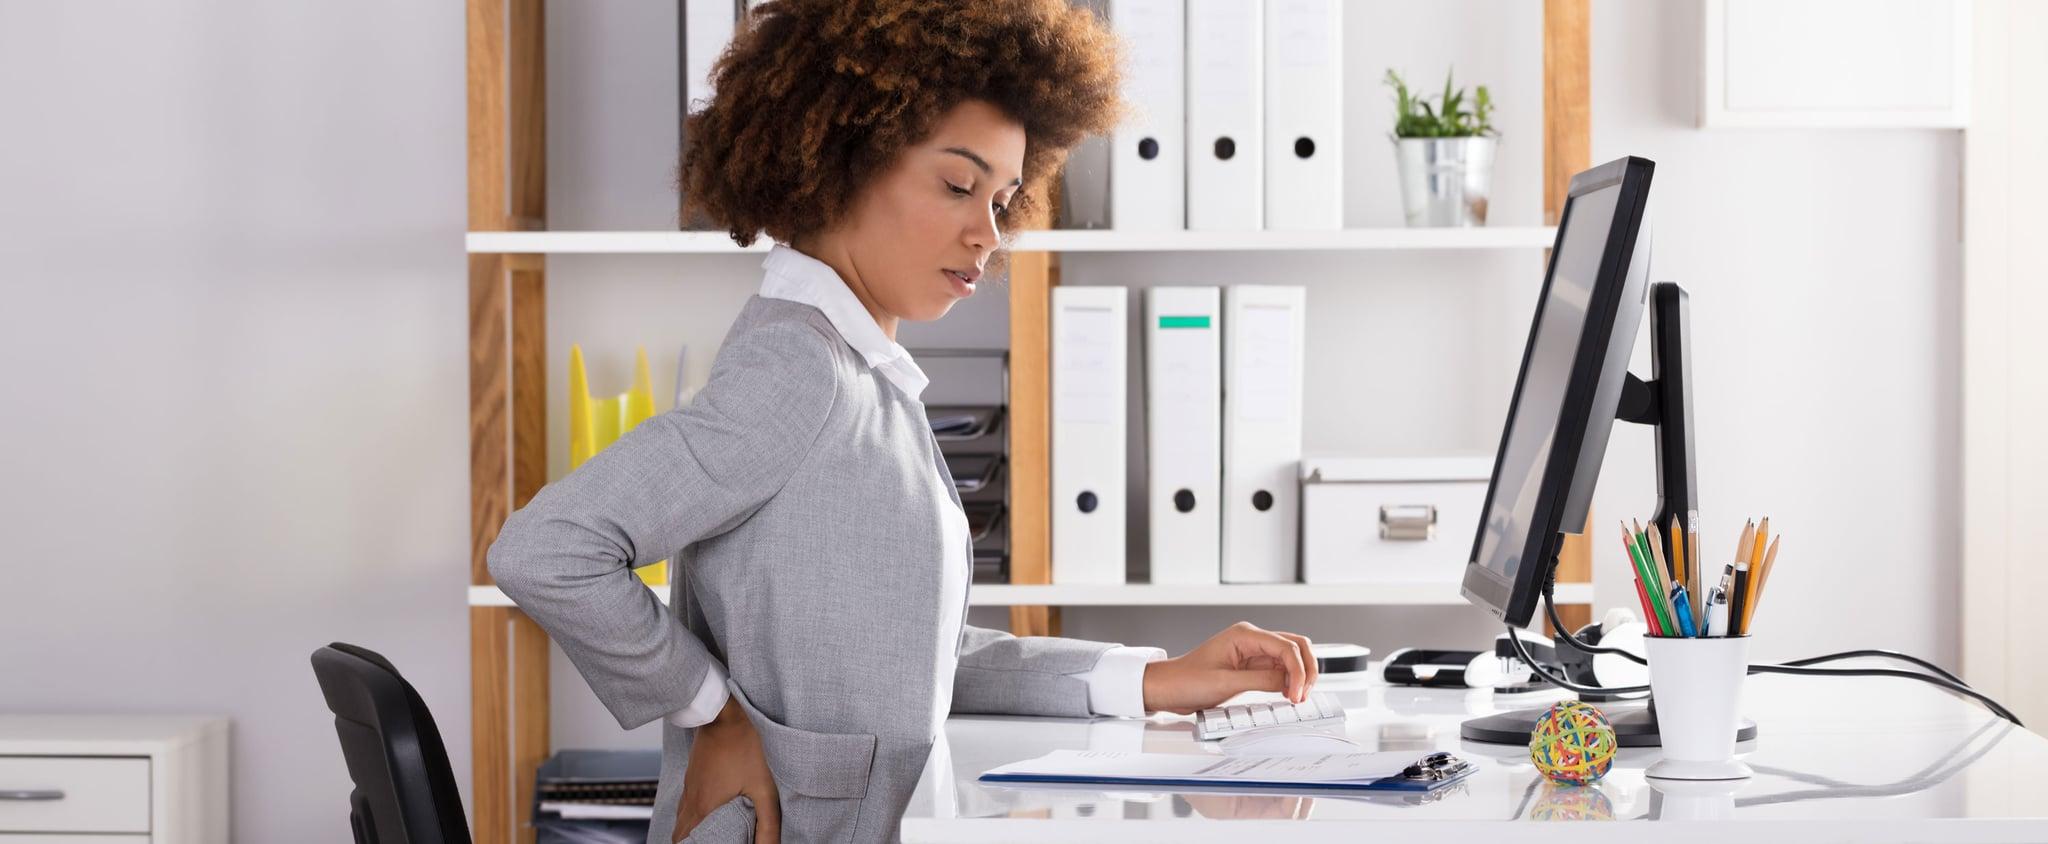 خبير يقدم نصائح حول الوضعيات الصحيحة للعمل من المنزل